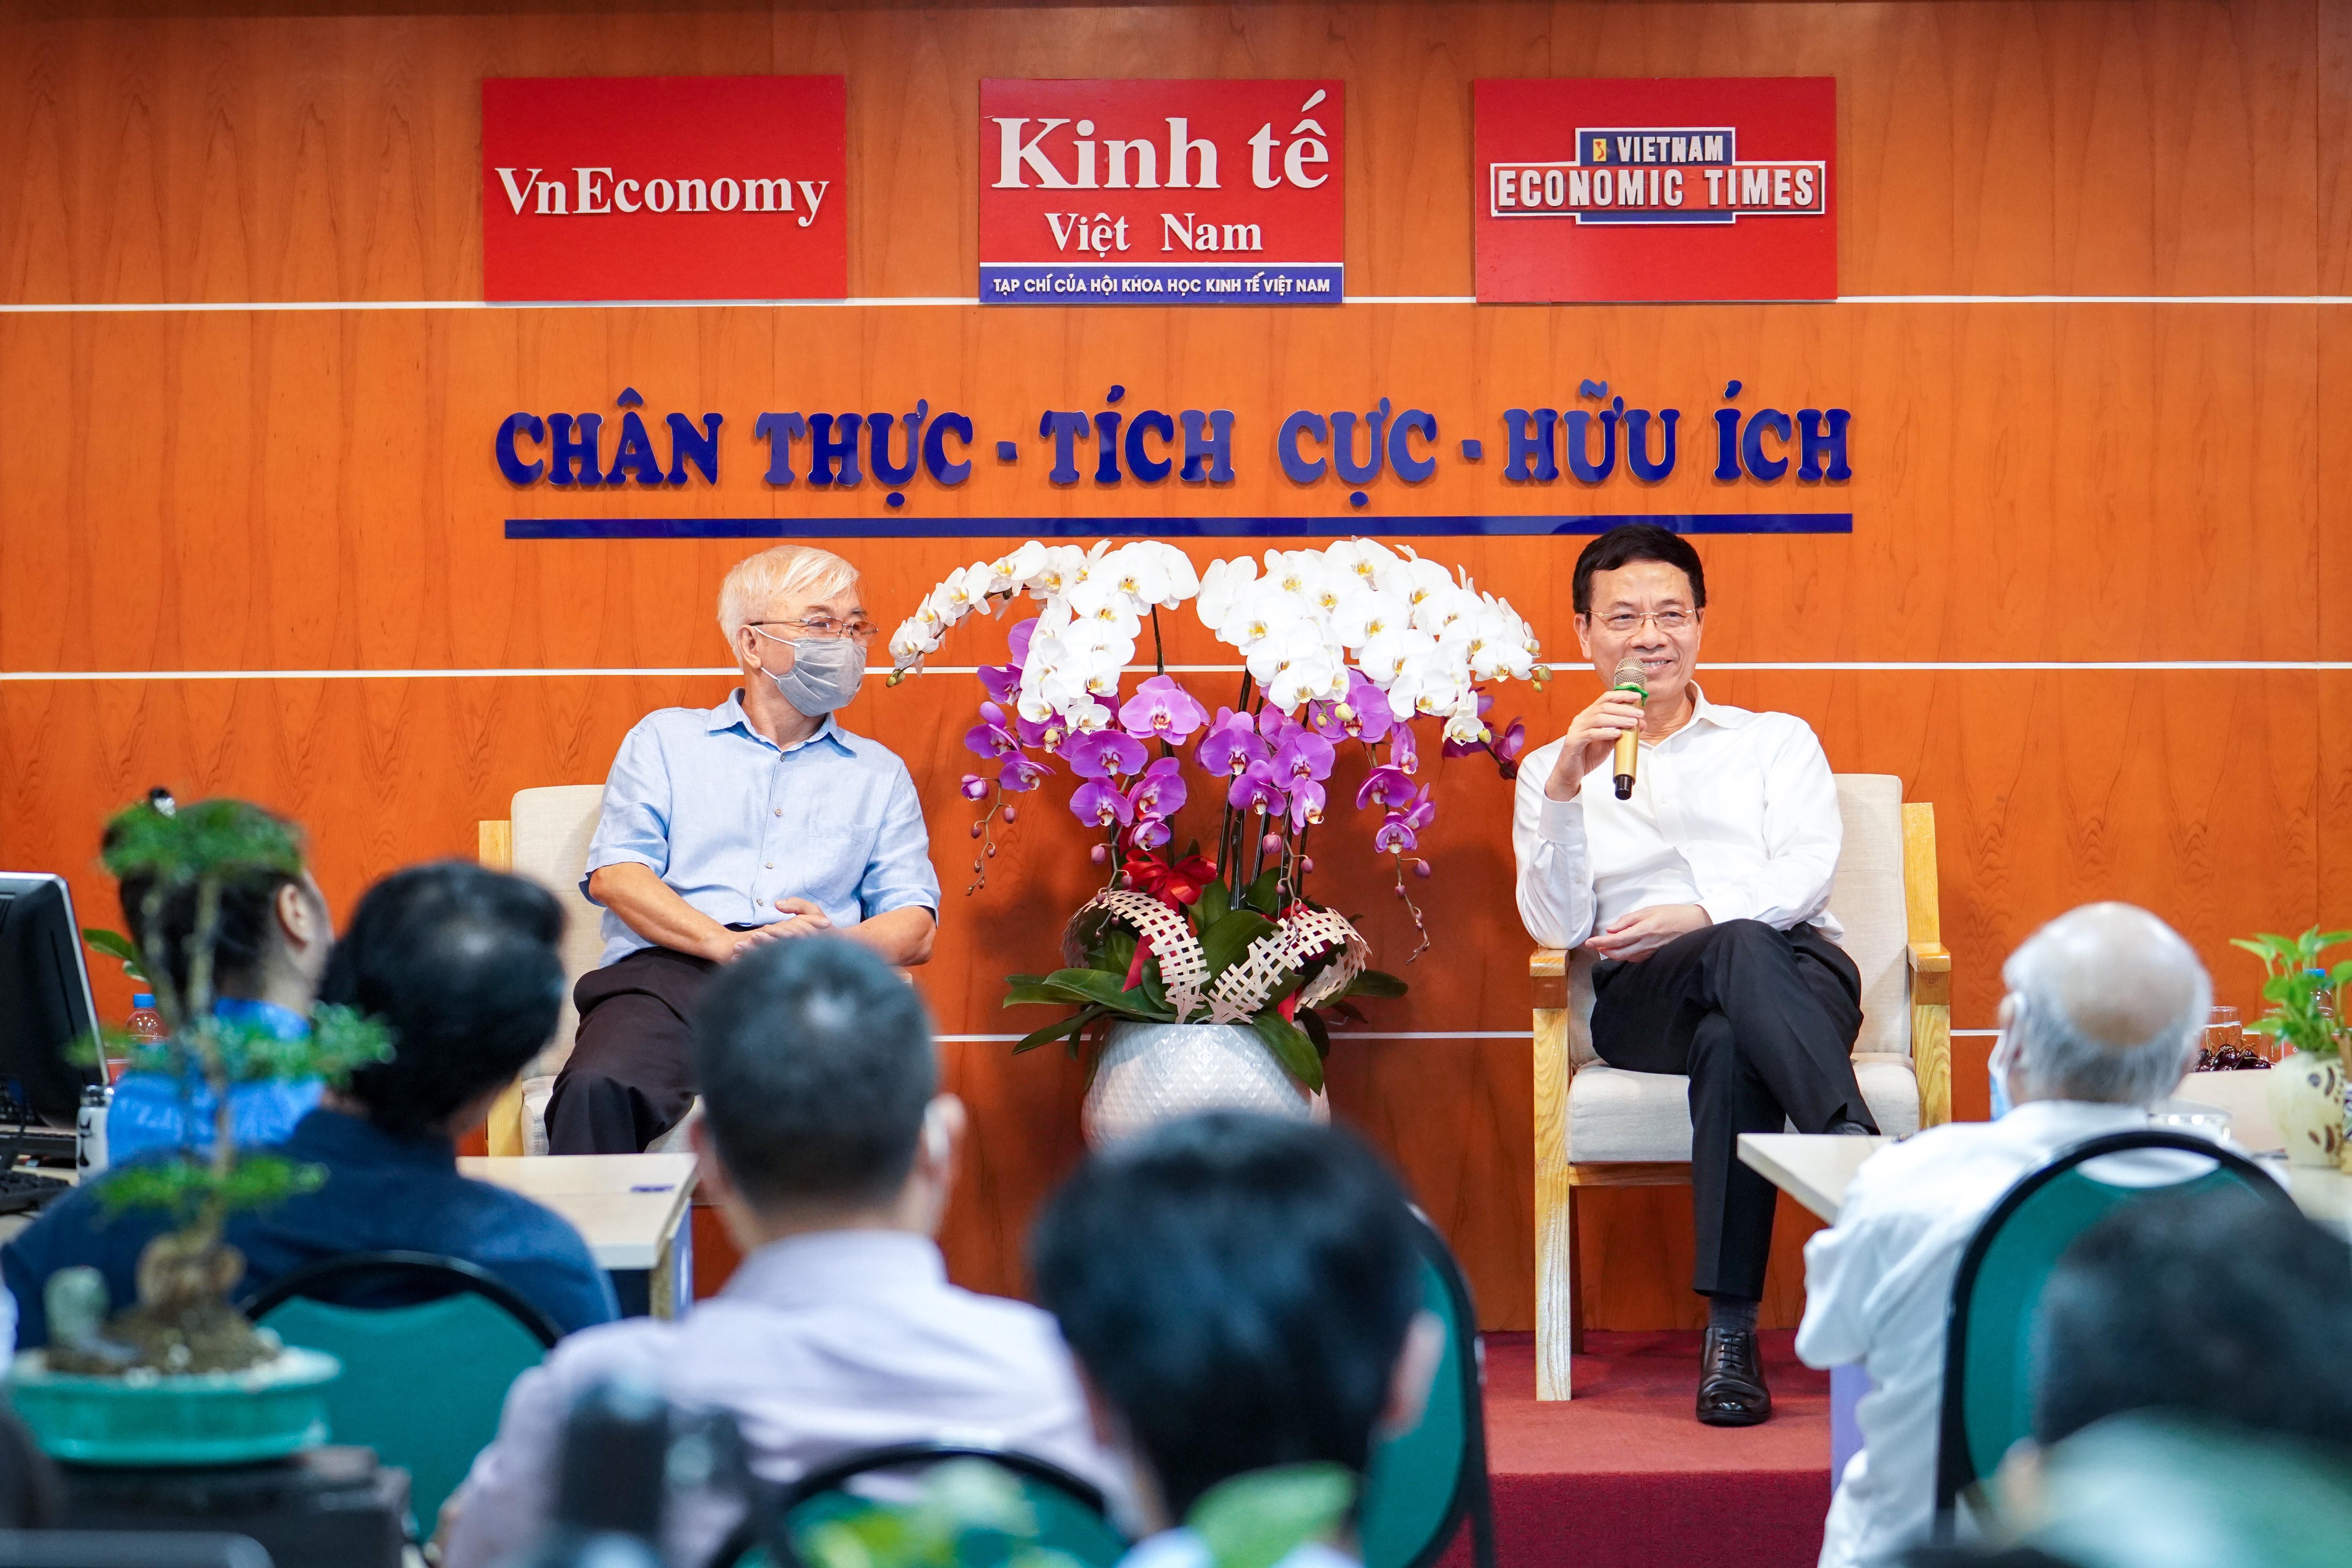 Bộ trưởng Nguyễn Mạnh Hùng trò chuyện thân mật cùngcán bộ phóng viên, biên tập viên, nhân viên Tạp chí Kinh tế Việt Nam.